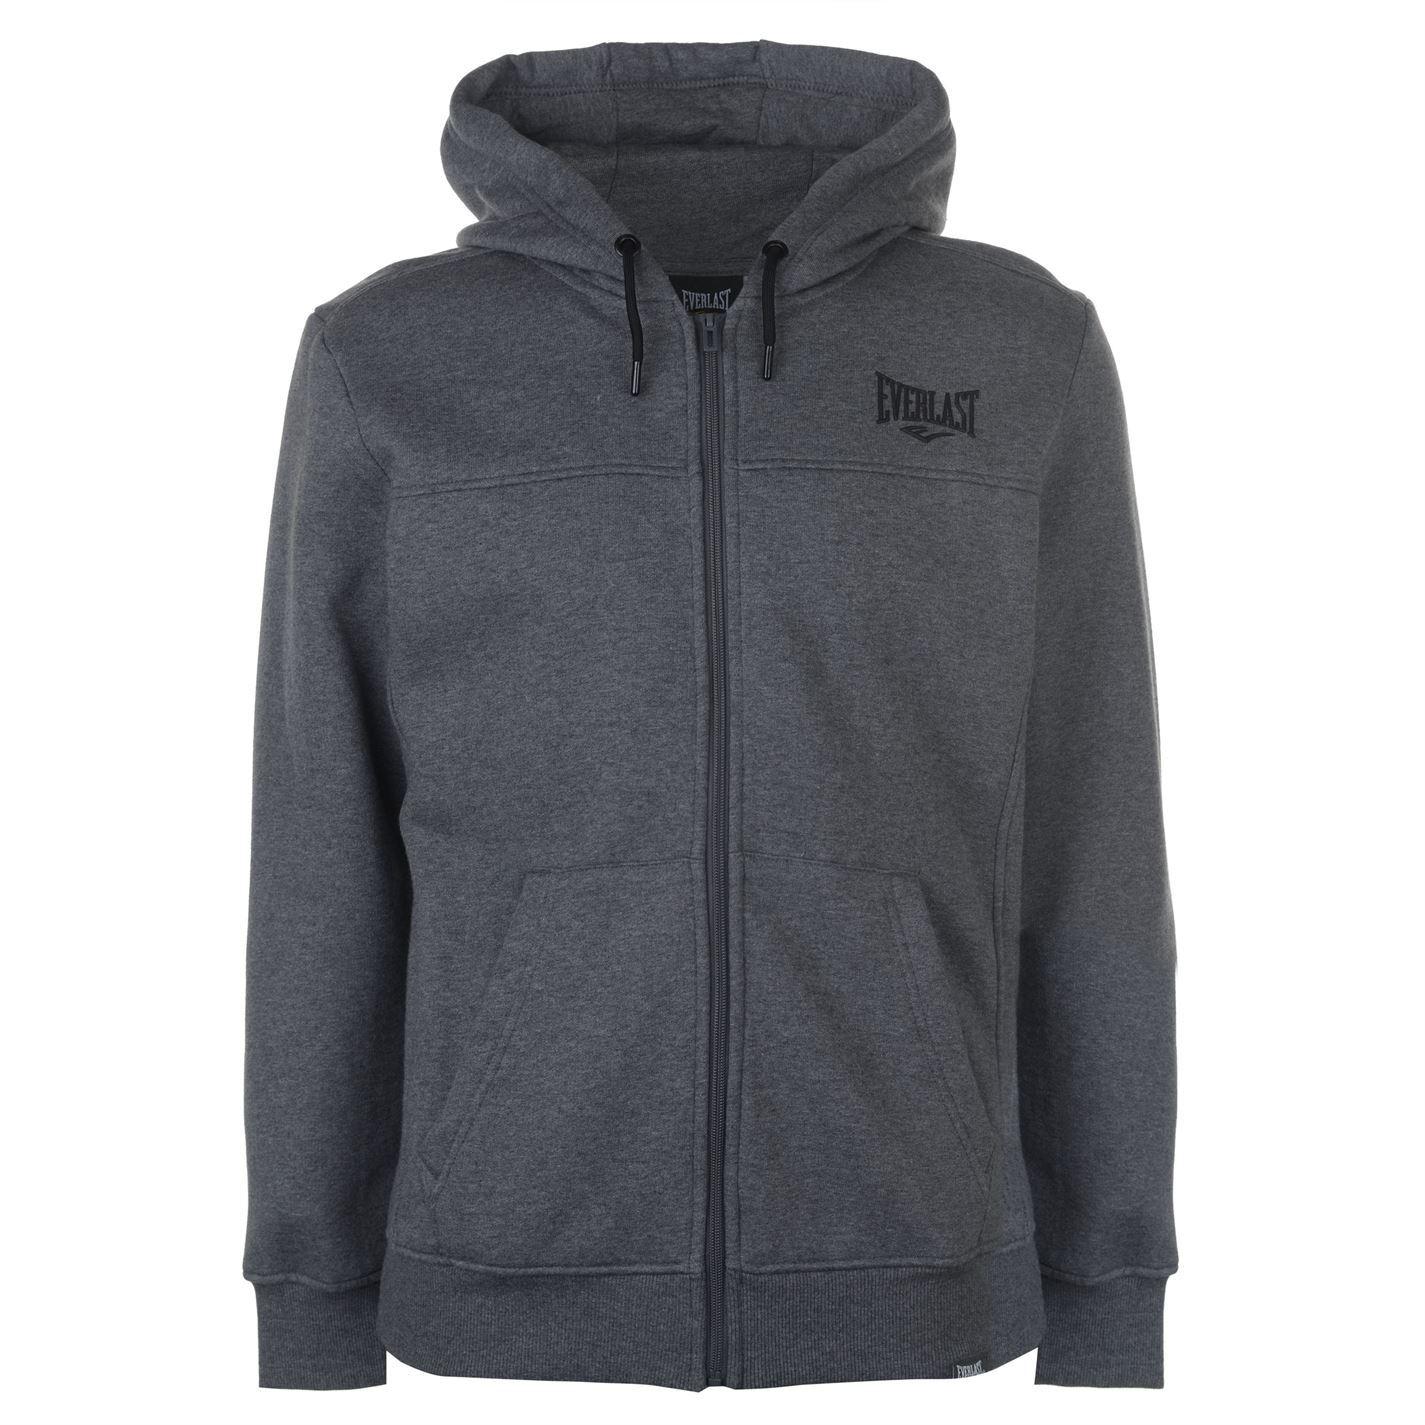 Everlast-Logo-Full-Zip-Hoody-Jacket-Mens-Hoodie-Sweatshirt-Sweater-Hooded-Top thumbnail 23